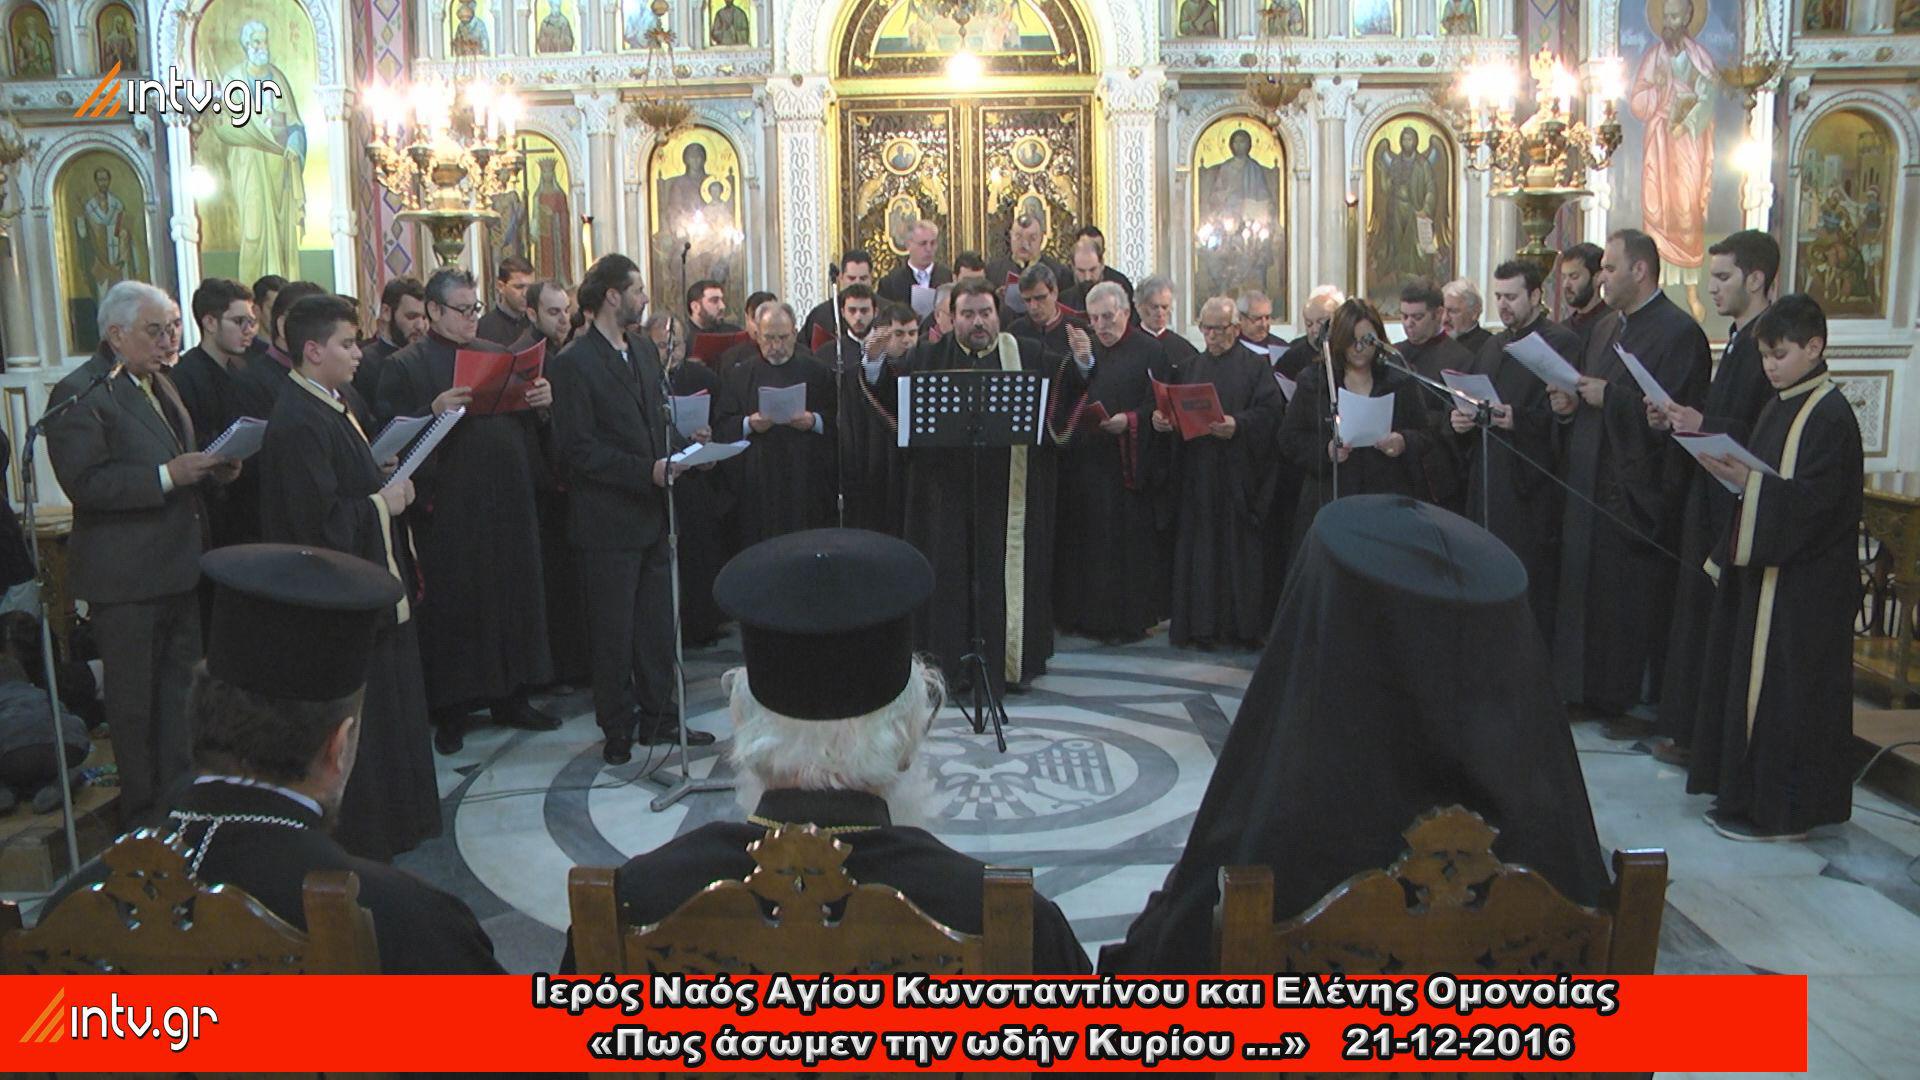 Ιερός Ναός Αγίων Κωνσταντίνου & Ελένης Ομονοίας - «Πως άσωμεν την ωδήν Κυρίου ...»